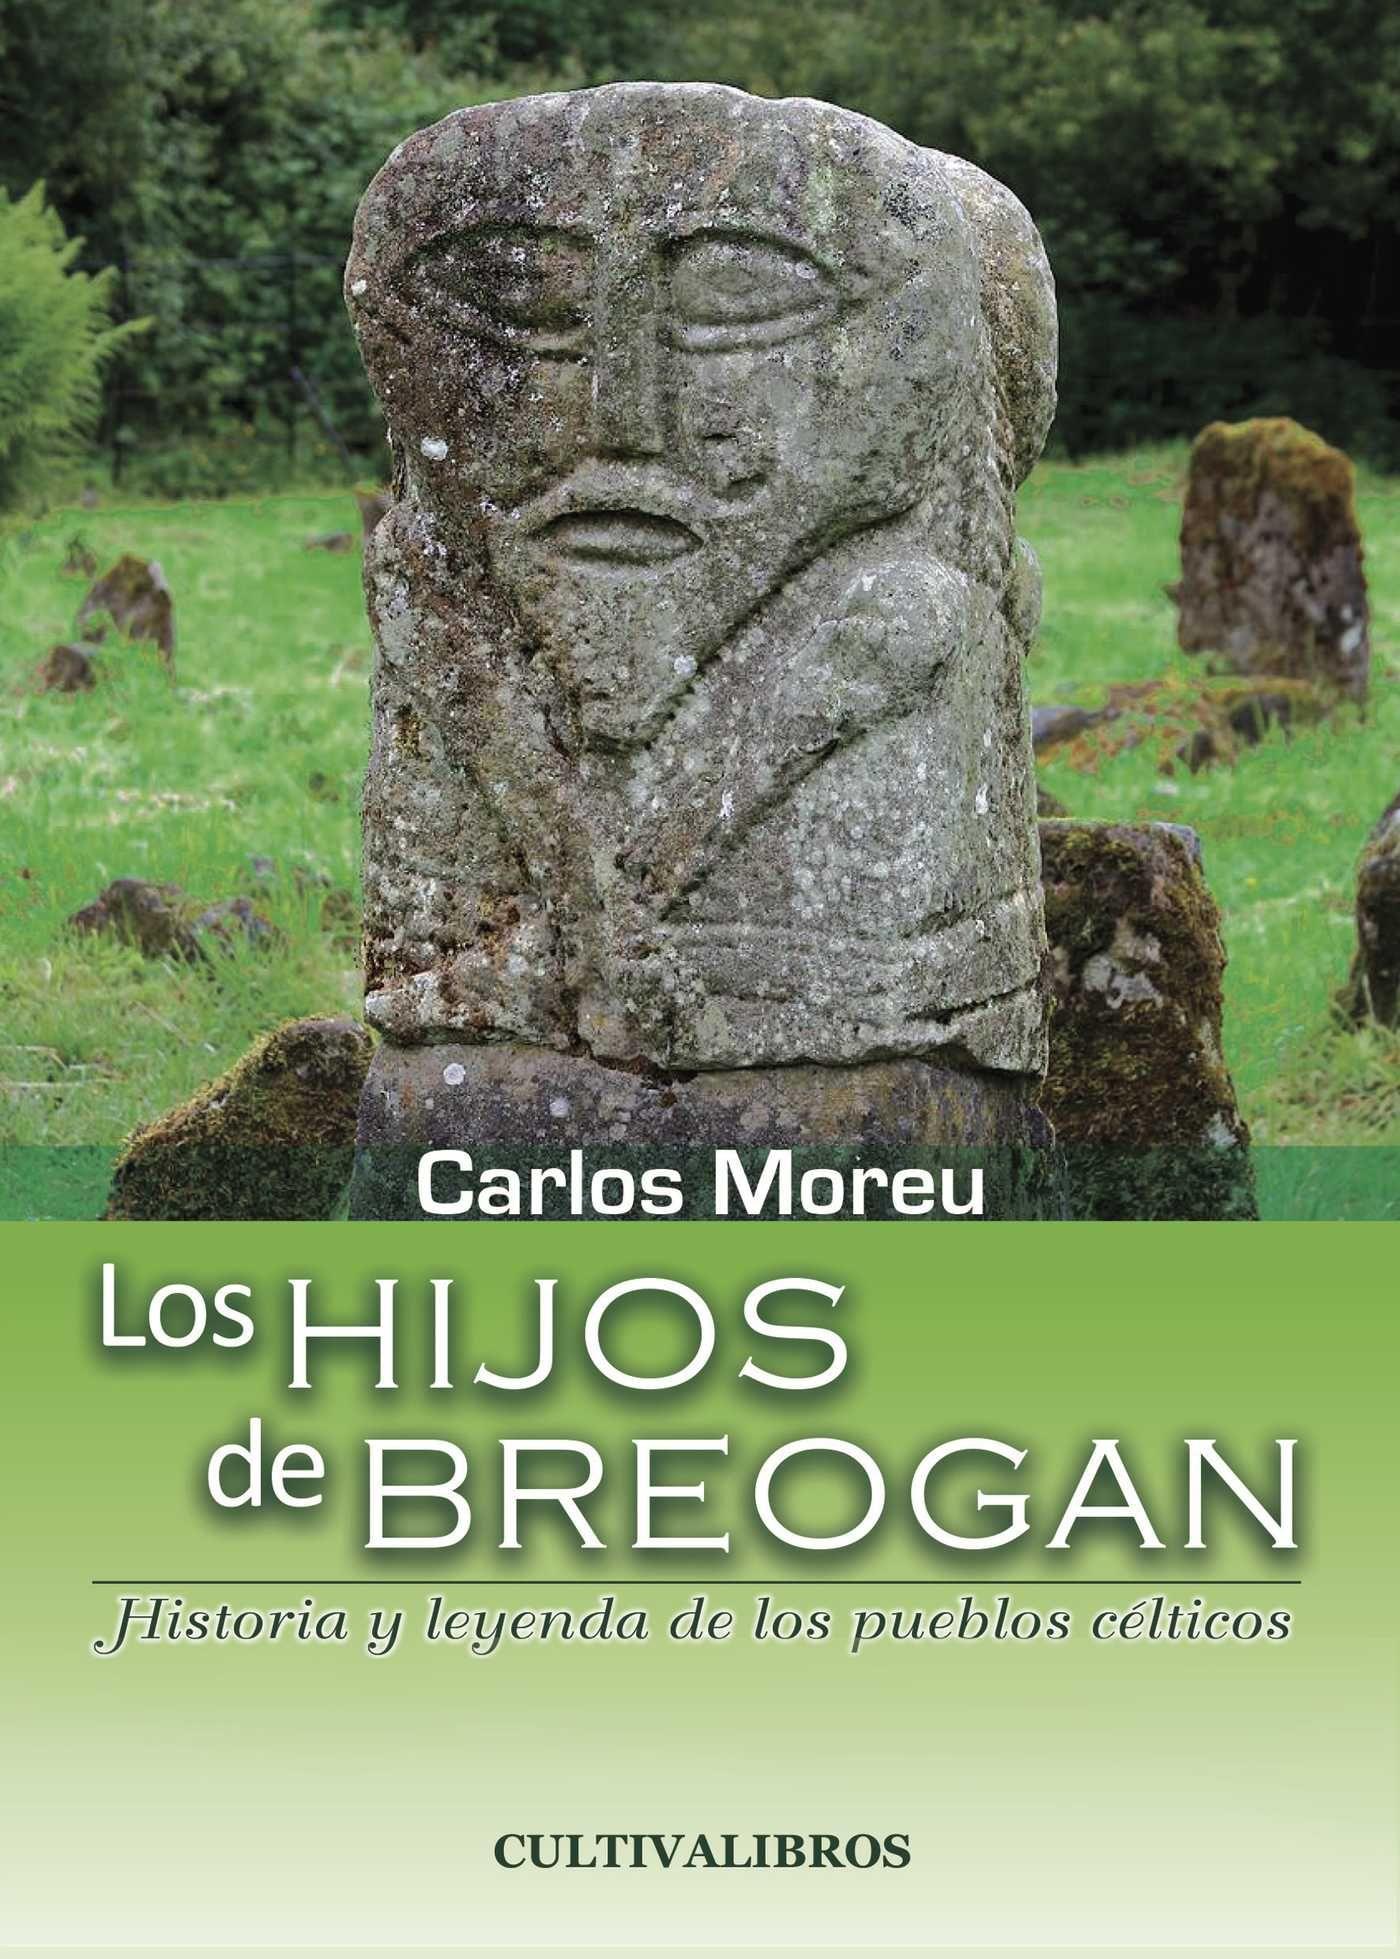 Las narraciones mitológicas de la tradición céltica